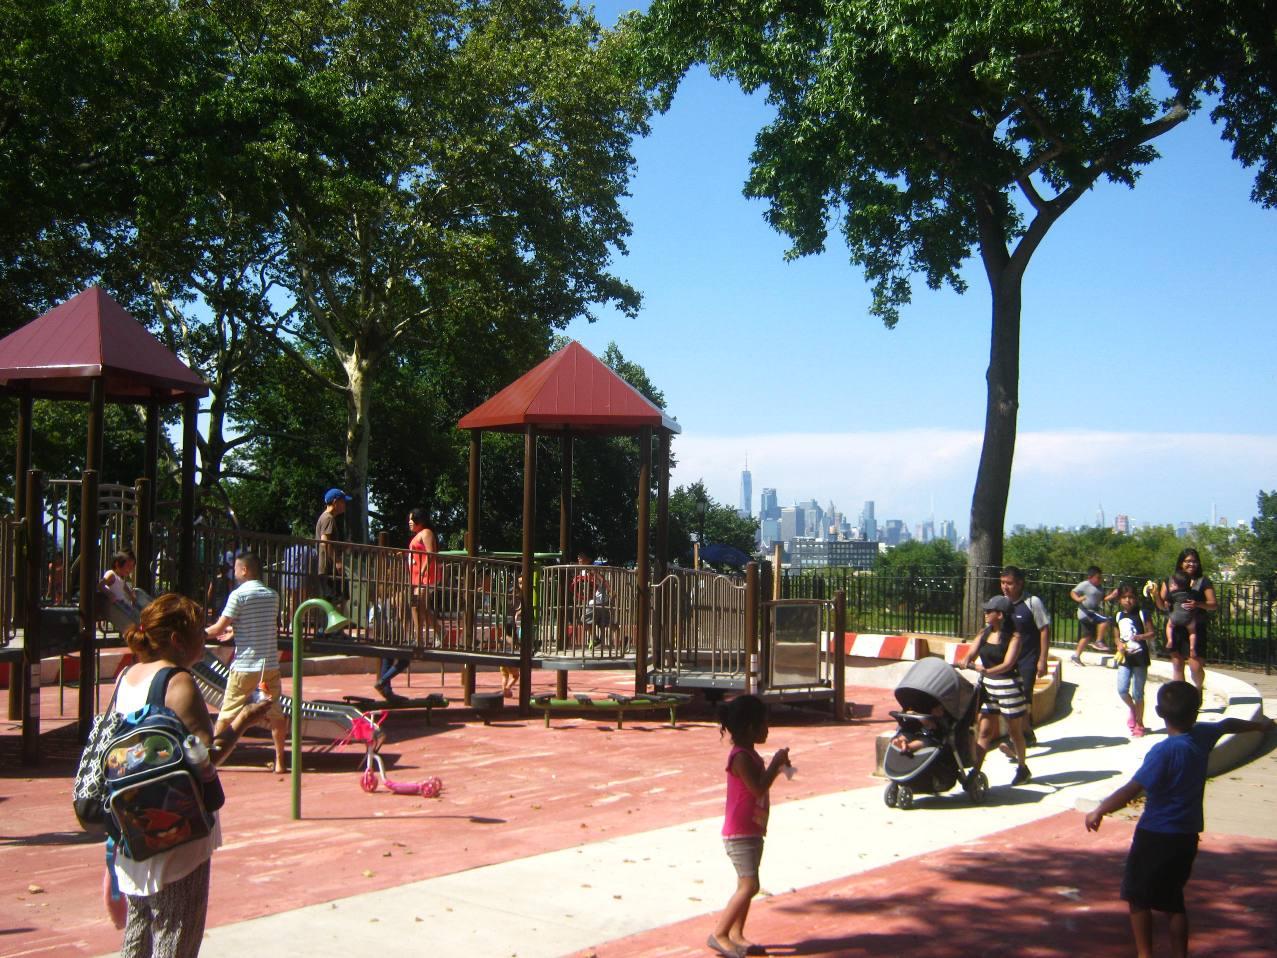 サンセットパークの子どもの遊び場。